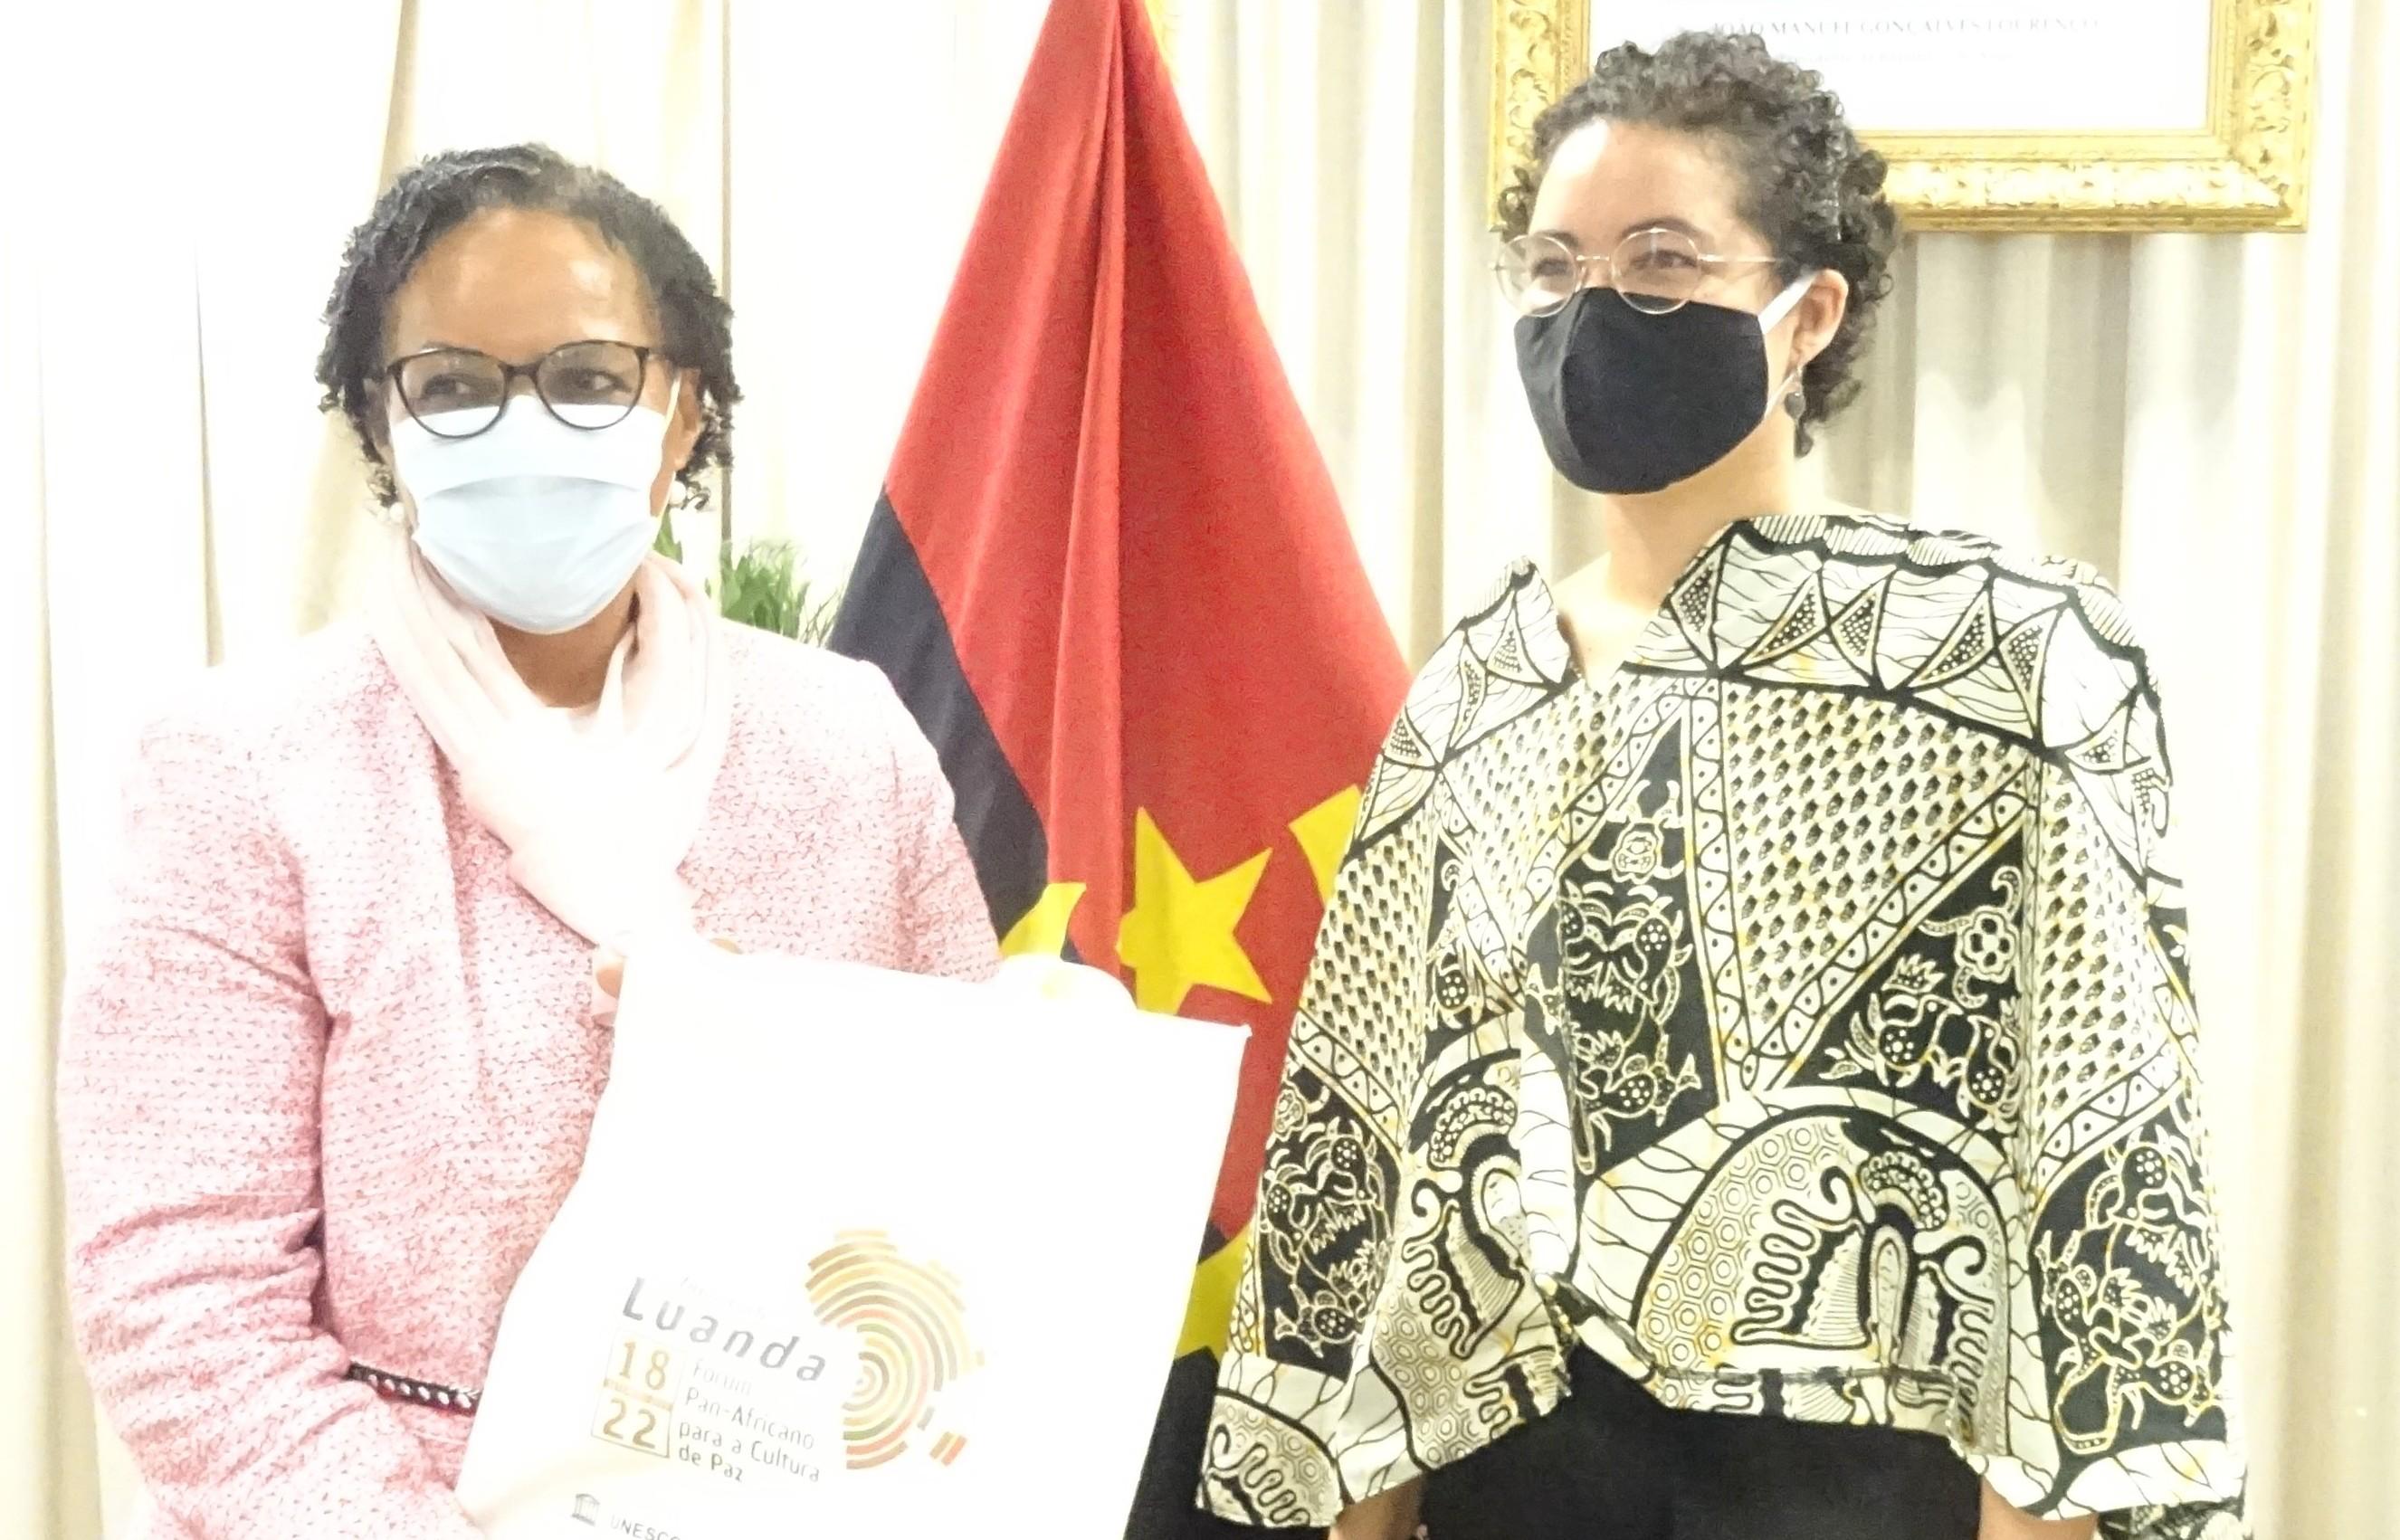 Embaixadora garante apoio institucional ao Ministério da Cultura, Turismo e Ambiente